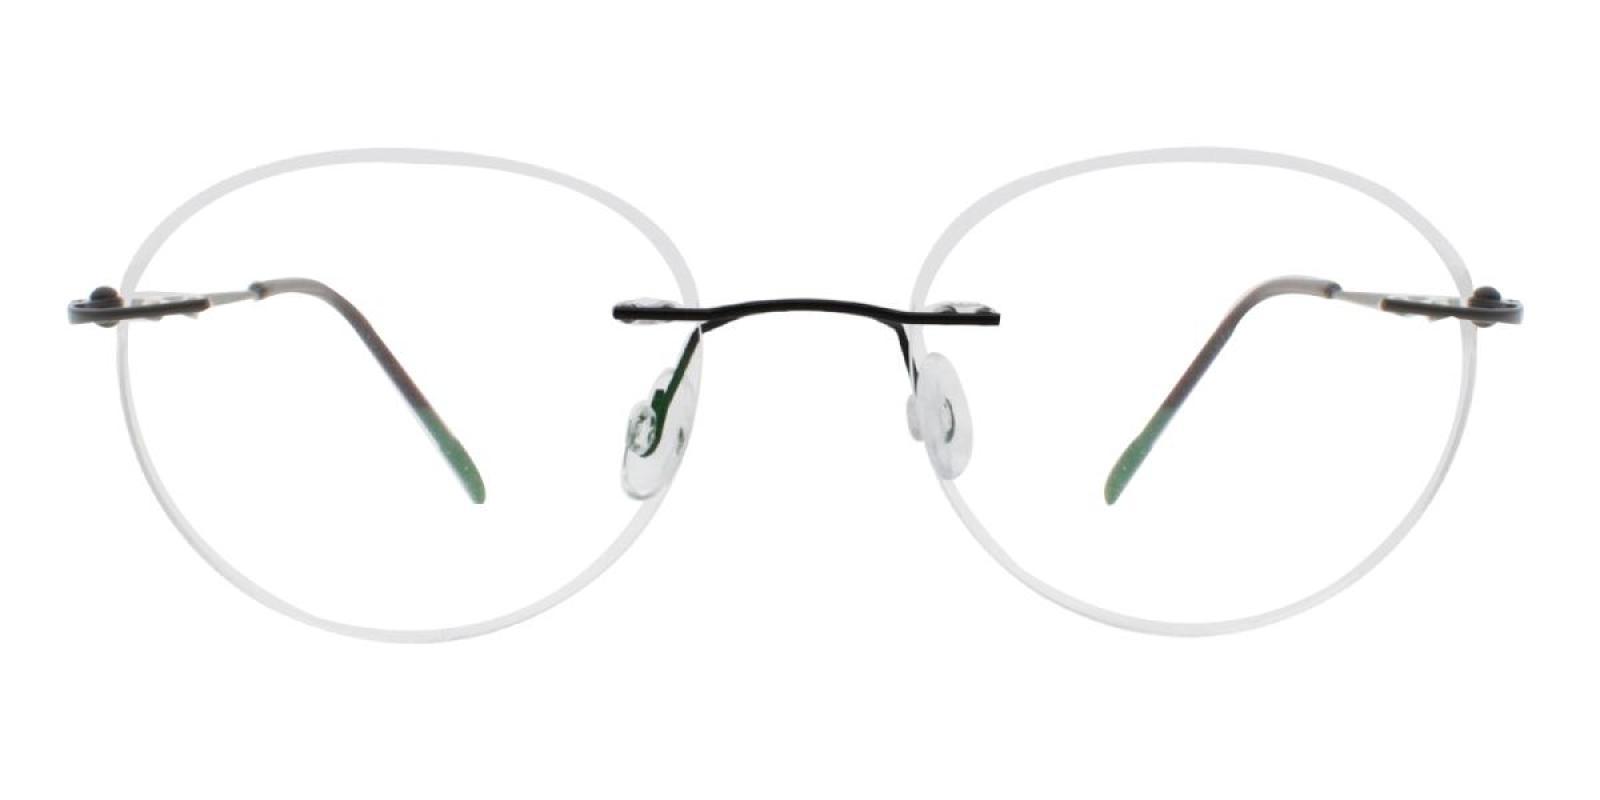 Ditto-Black-Varieties-Metal-Eyeglasses-additional2